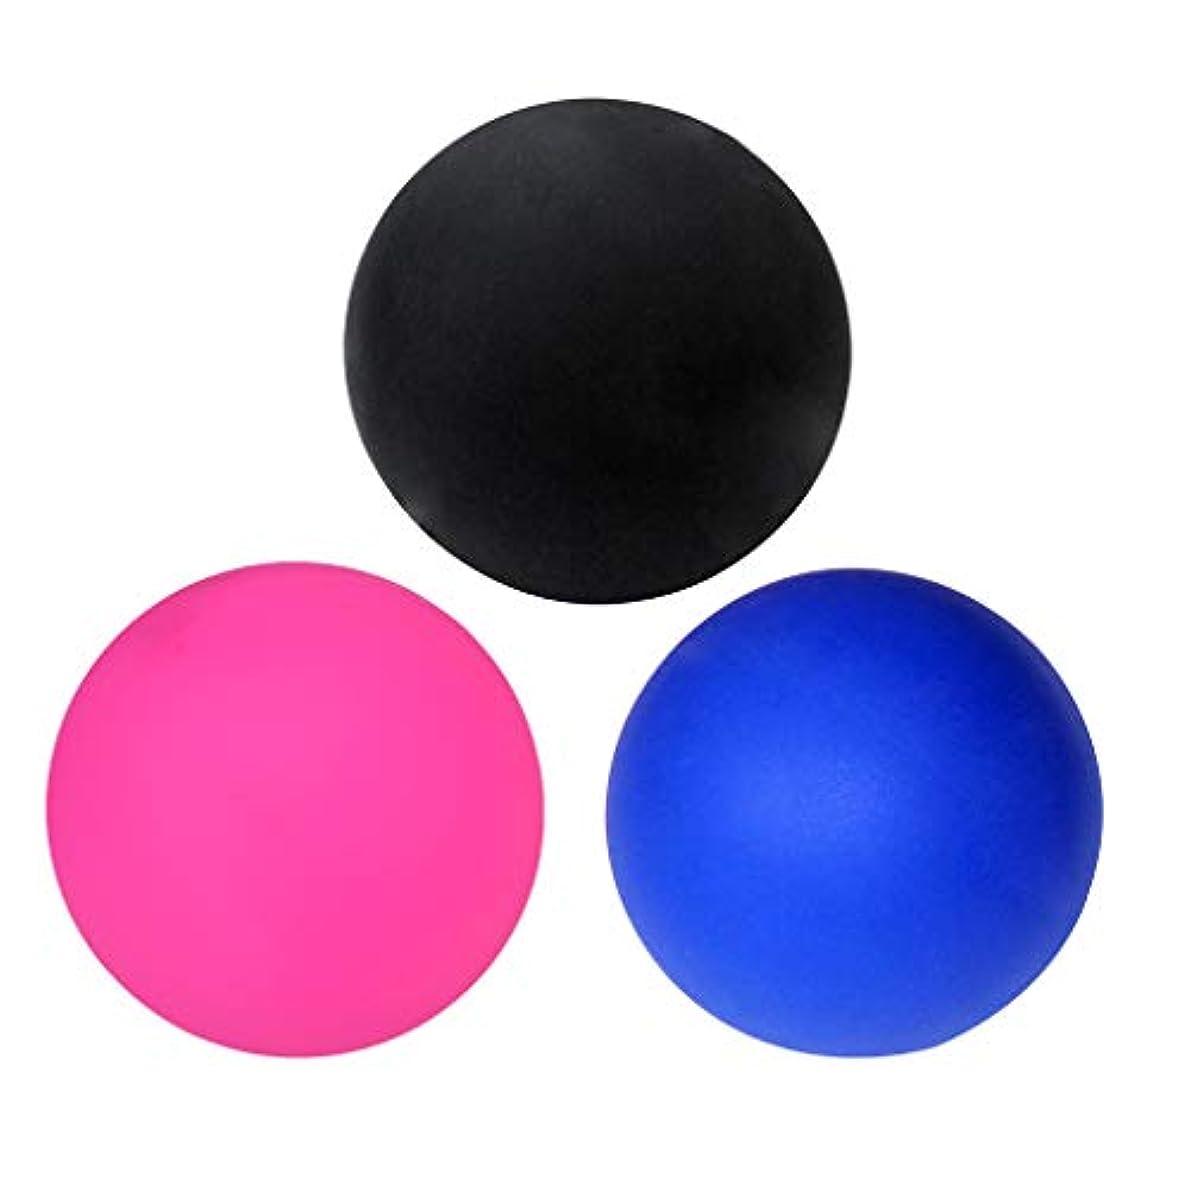 容器秘密の敵対的マッサージボール ラクロスボール トリガーポイント ヨガ エクササイズボール 健康グッズ 3個入